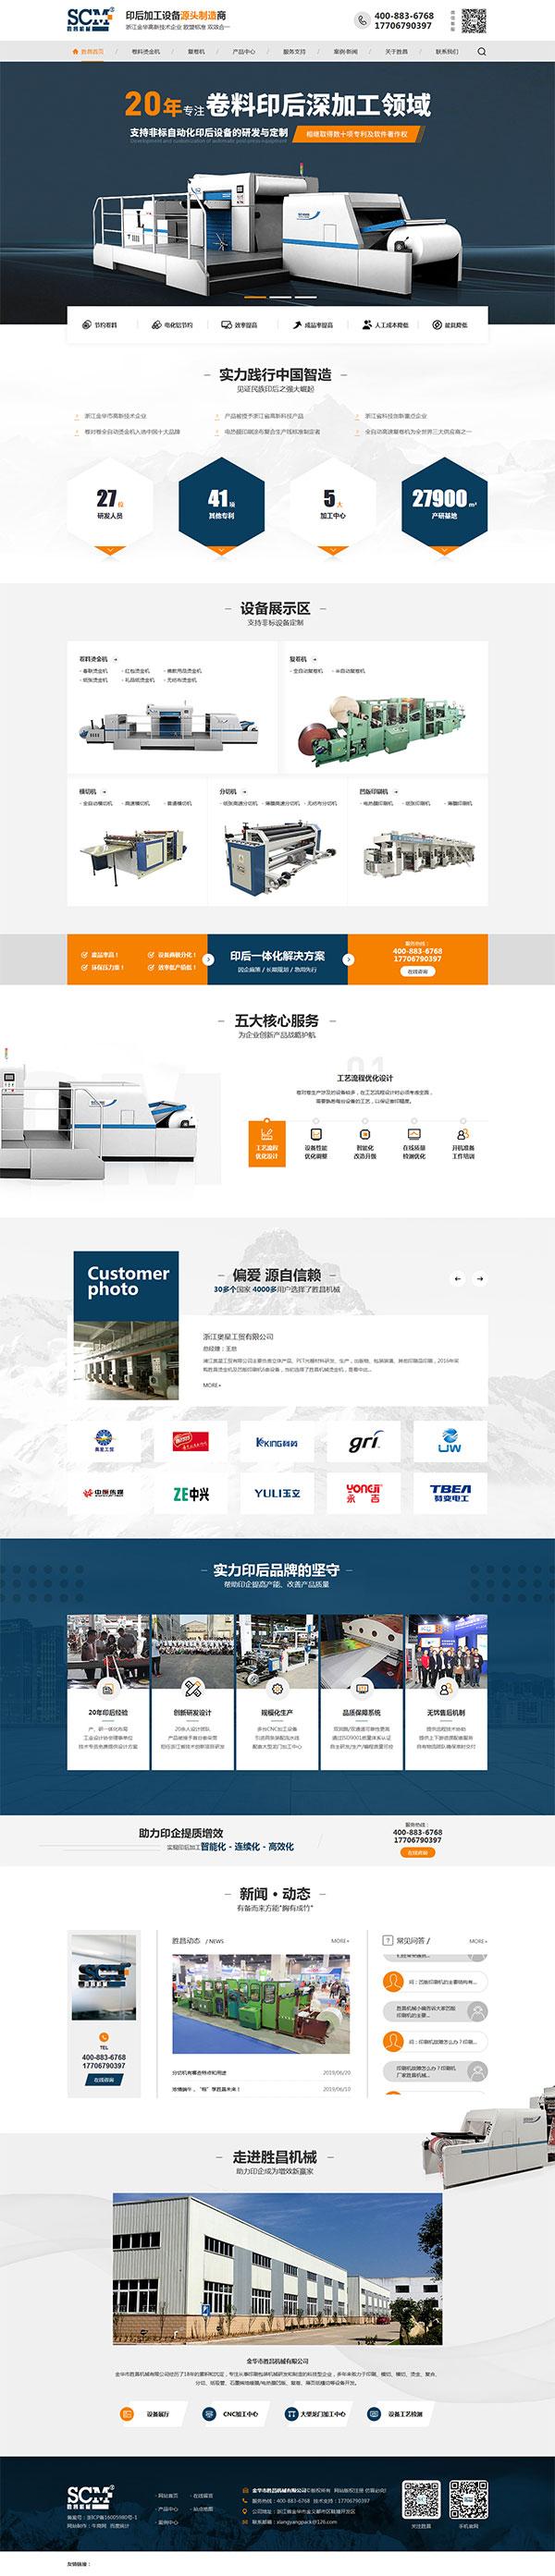 胜昌机械-龙8国际龙88型龙8国际官网首页首页